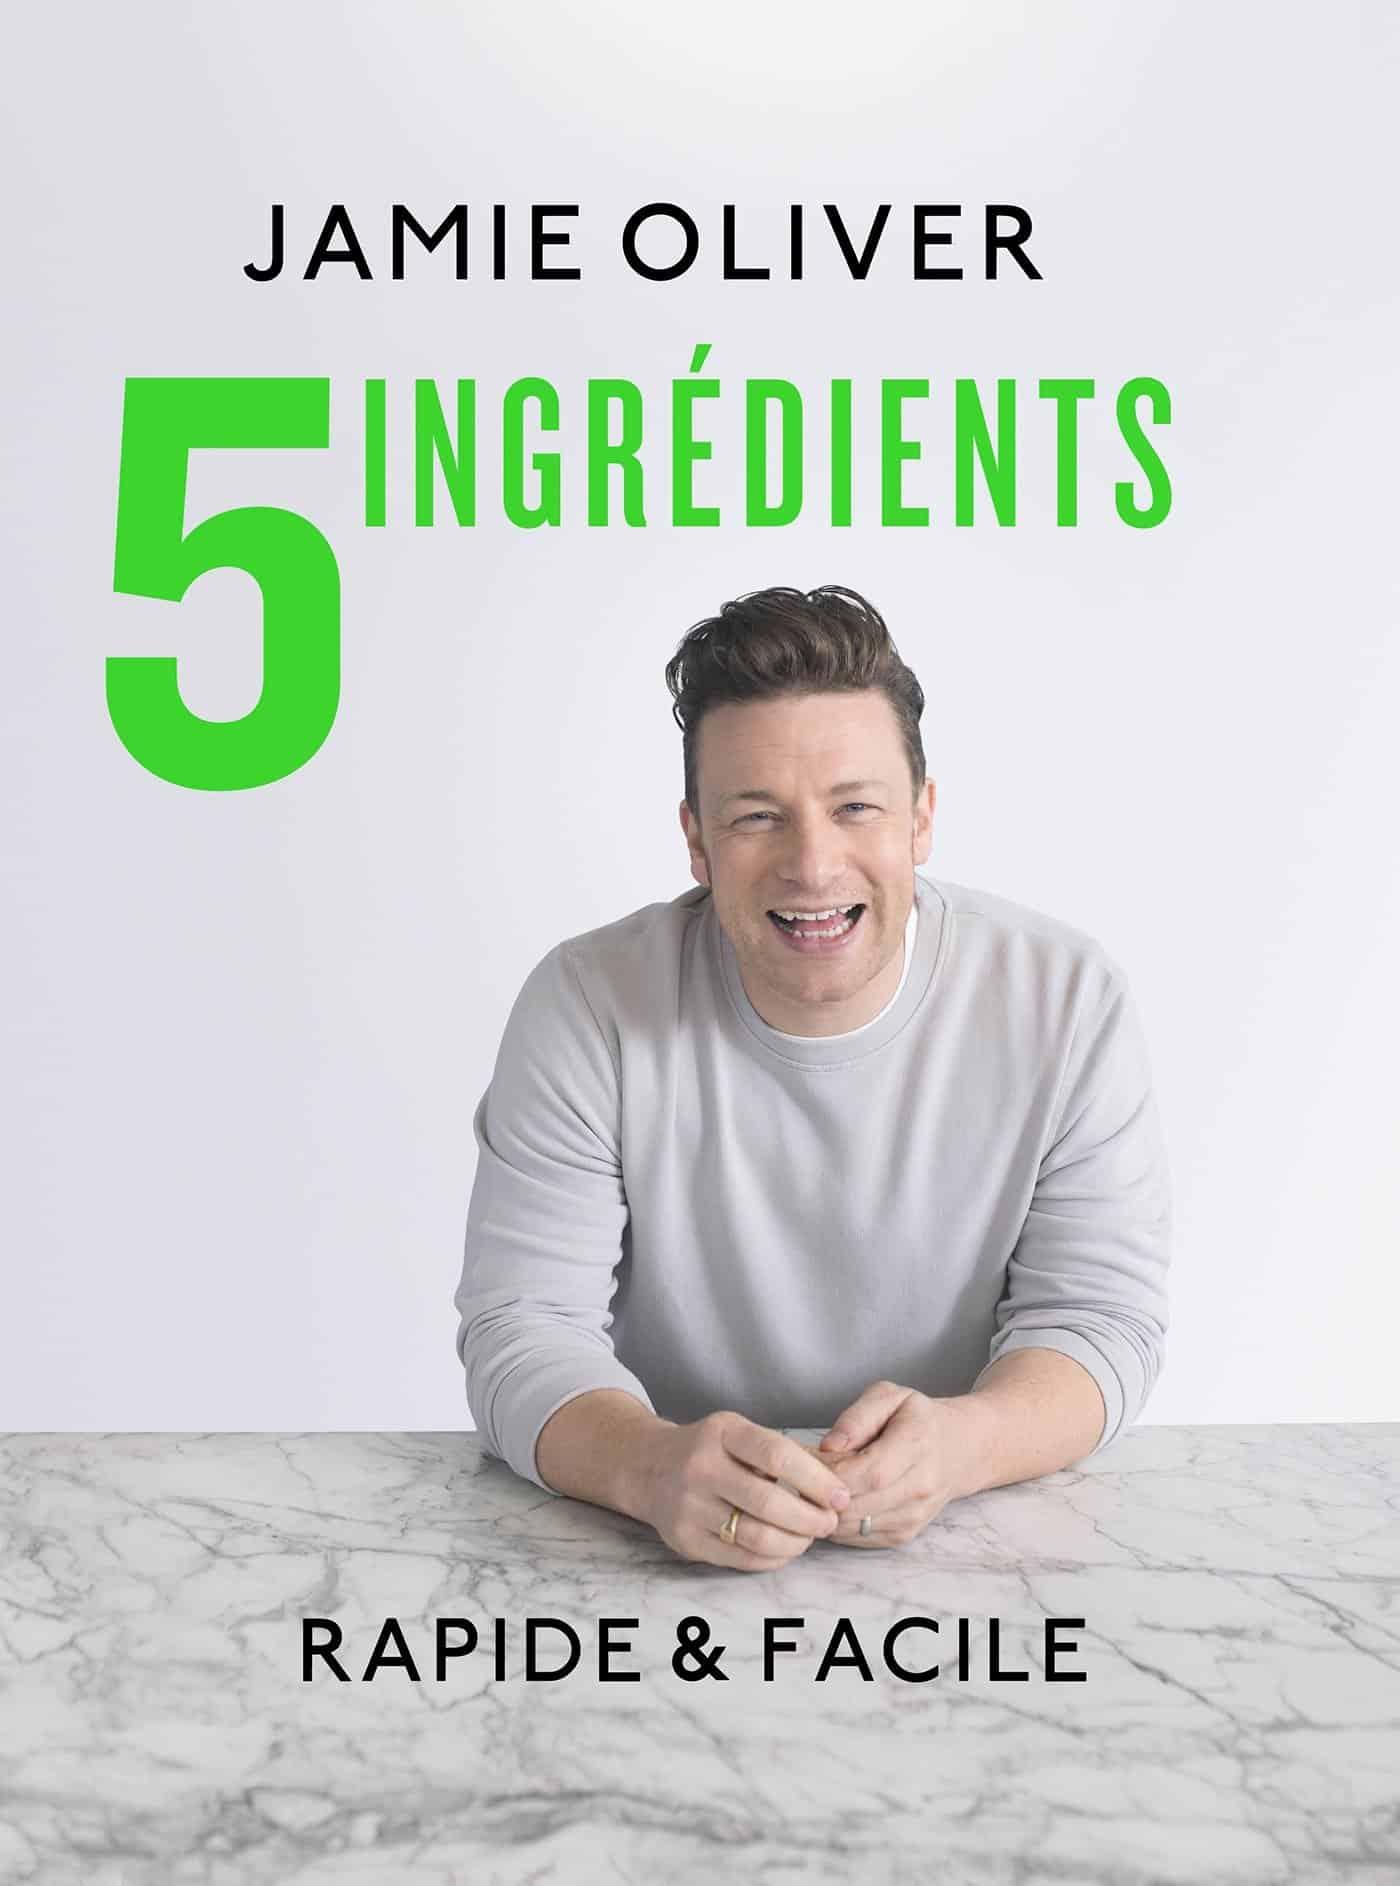 Cadeaux de no l s lection - Livre cuisine jamie oliver ...